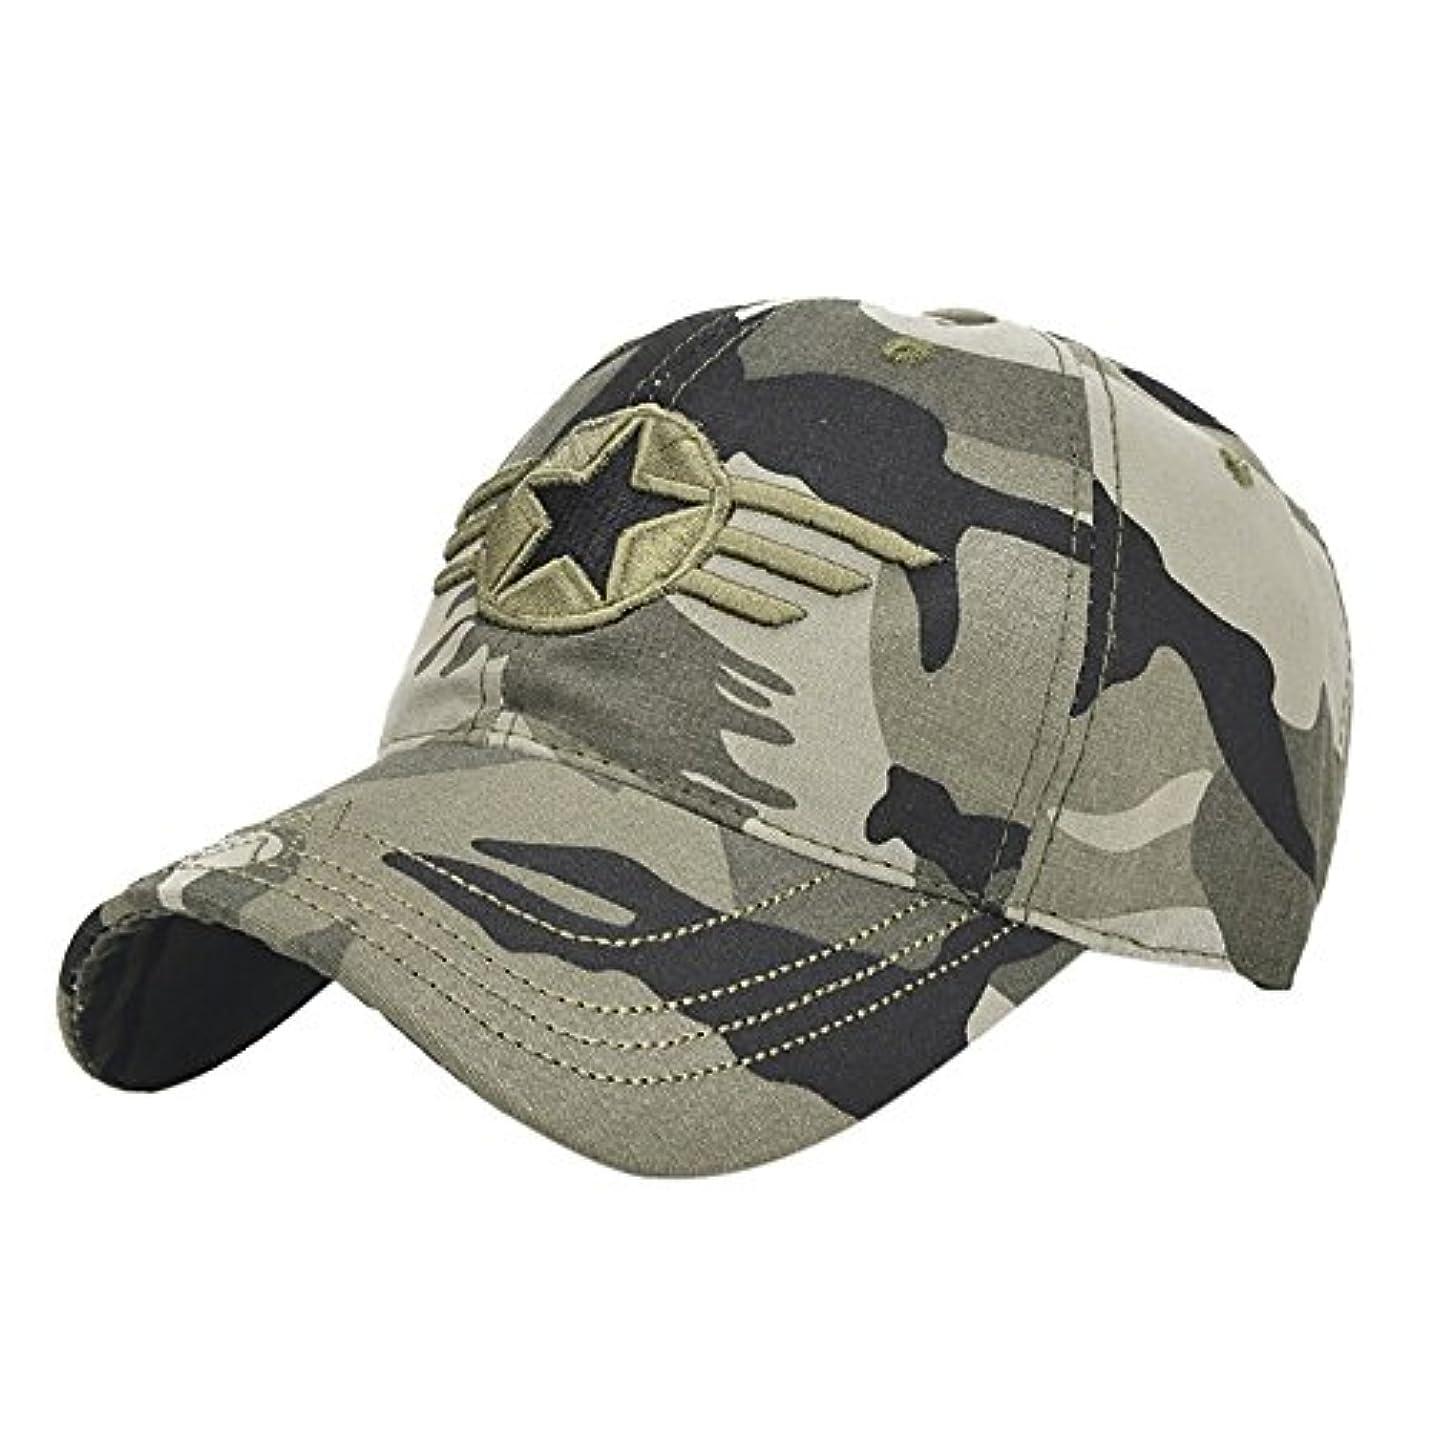 Racazing Cap ミリタリーキャップ 野球帽 迷彩 夏 登山 通気性のある メッシュ 帽子 ベルクロ 可調整可能 スターバッジ 刺繍 棒球帽 UV 帽子 軽量 屋外 Unisex Hat (迷彩)